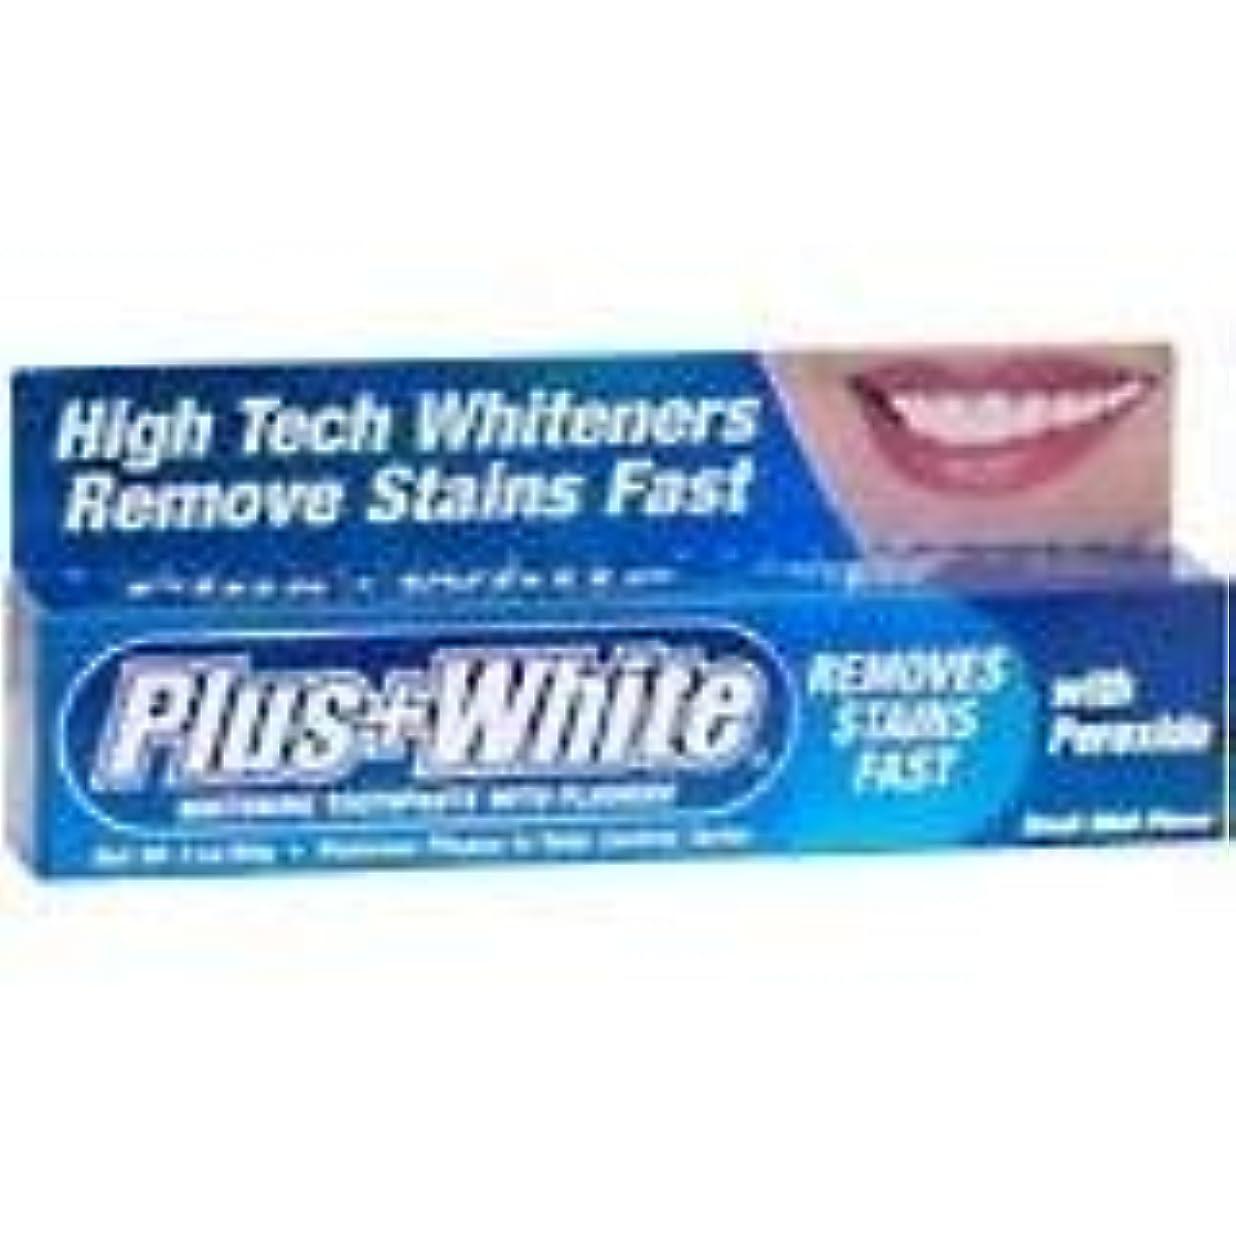 算術柱エラーPlus White 過酸化物とエクストラホワイトニング歯磨き(1パック)